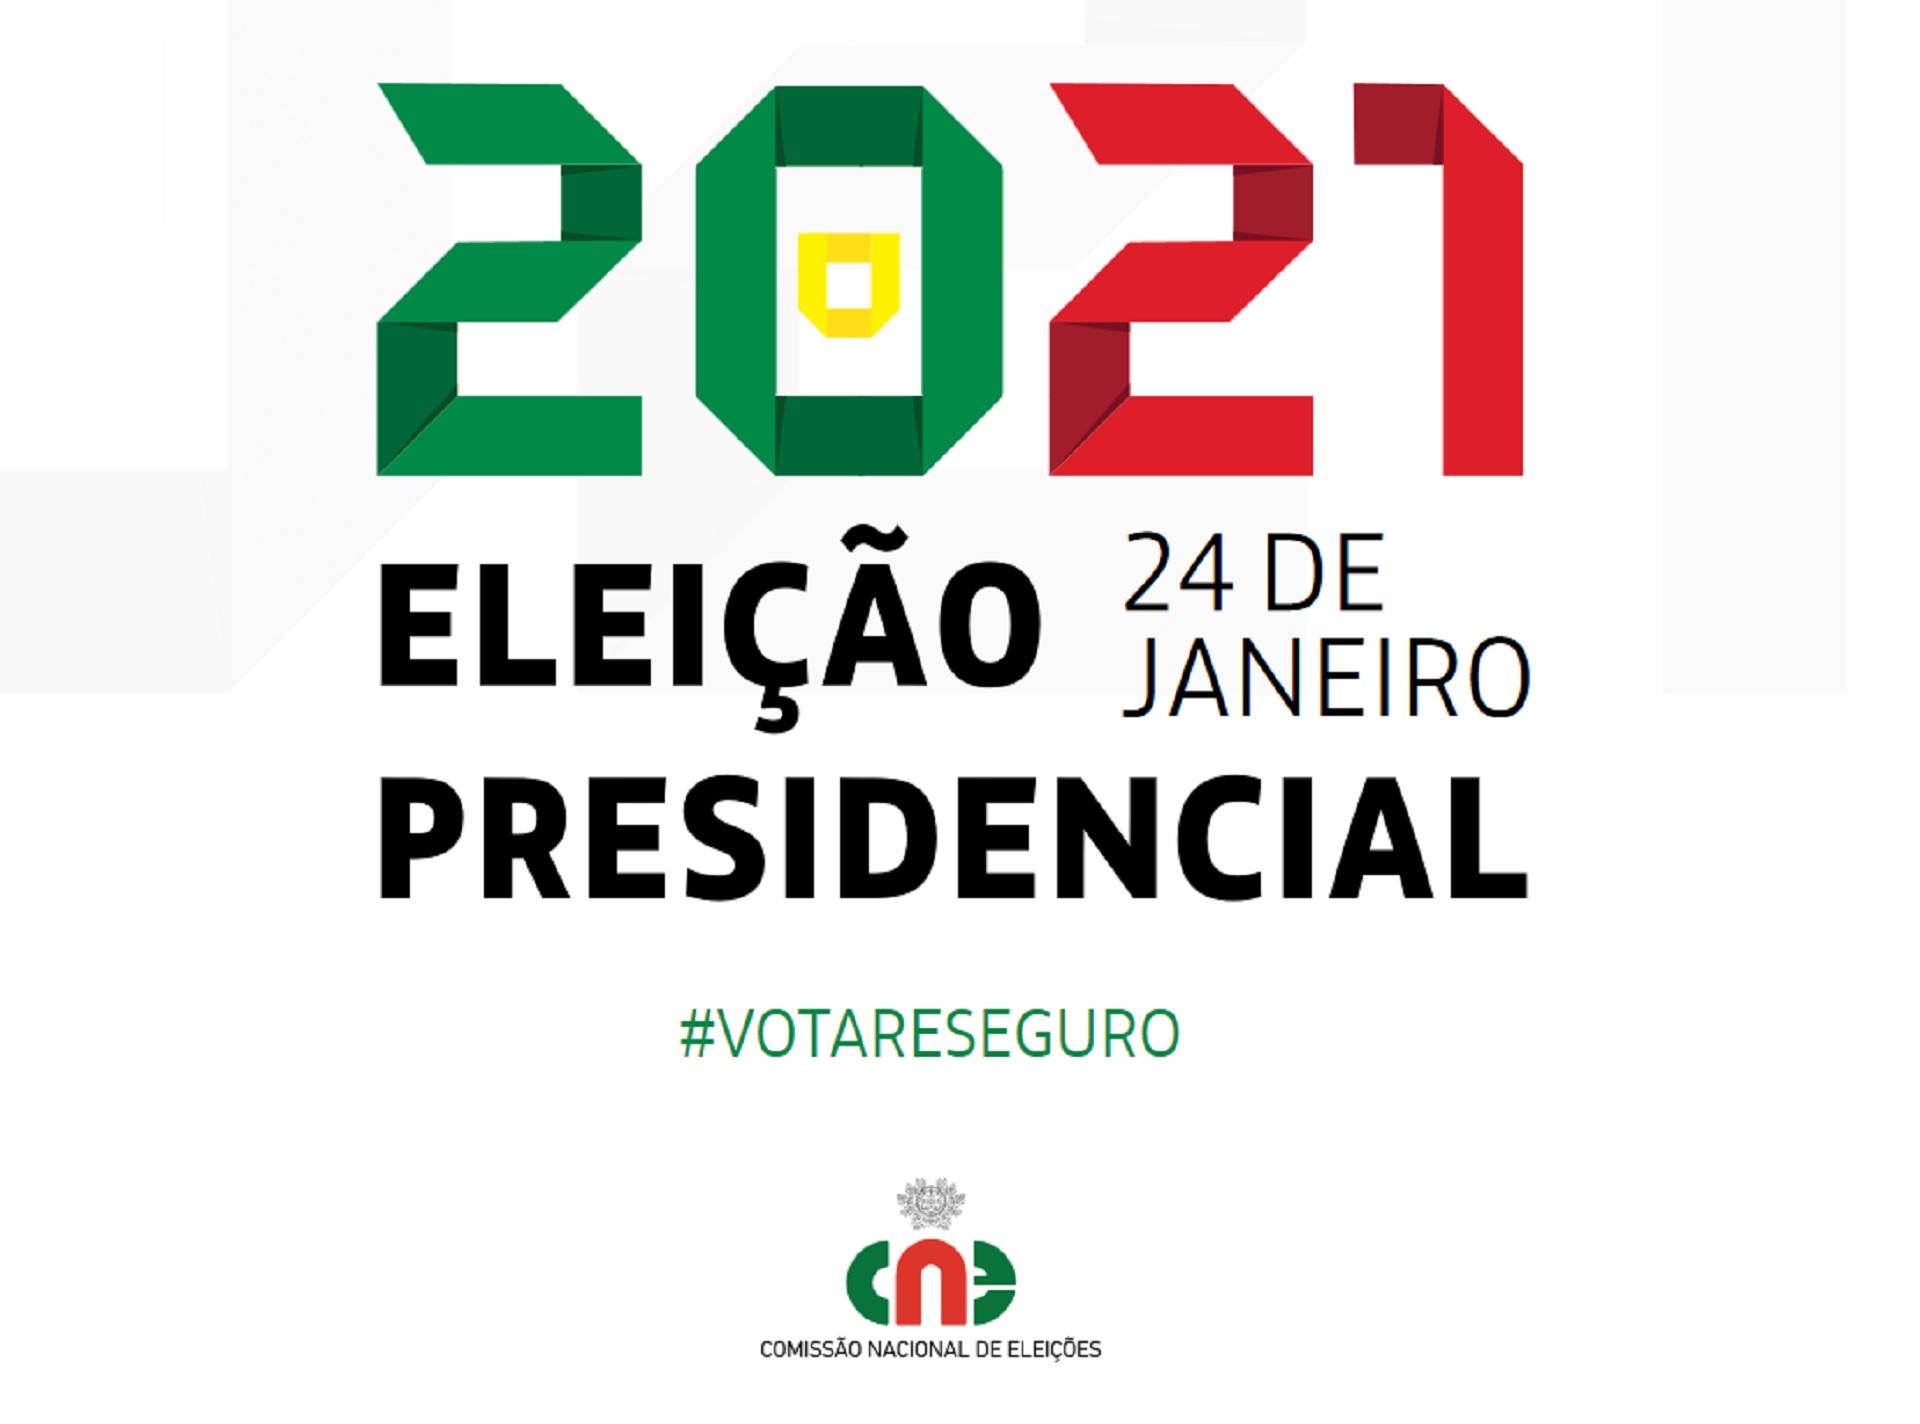 Eleições Presidenciais: Conheça o que vai mudar e como pedir o voto antecipado